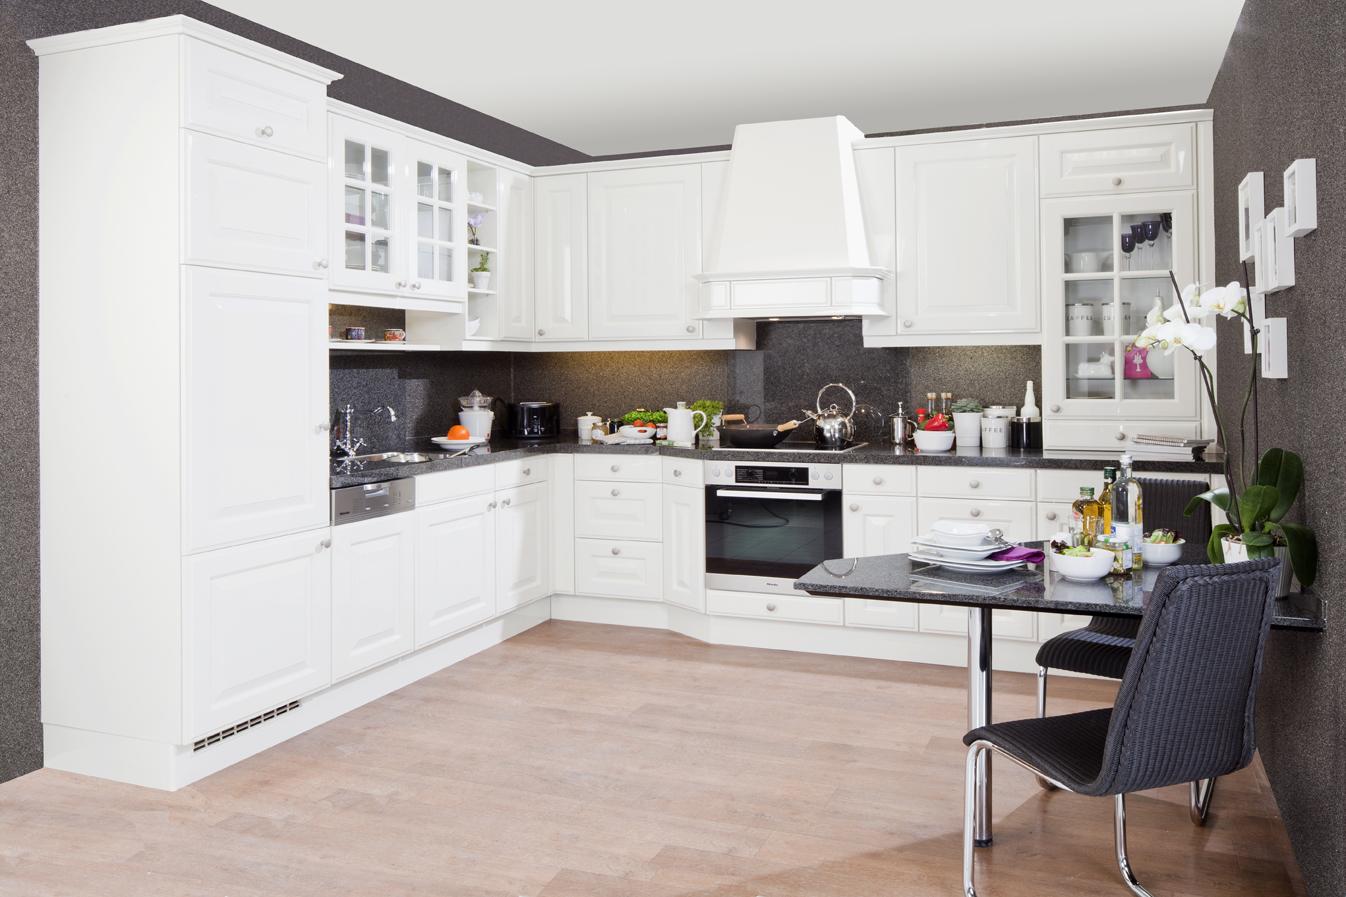 Kuchen in krefeld kuechenstudio for Küchenstudio krefeld